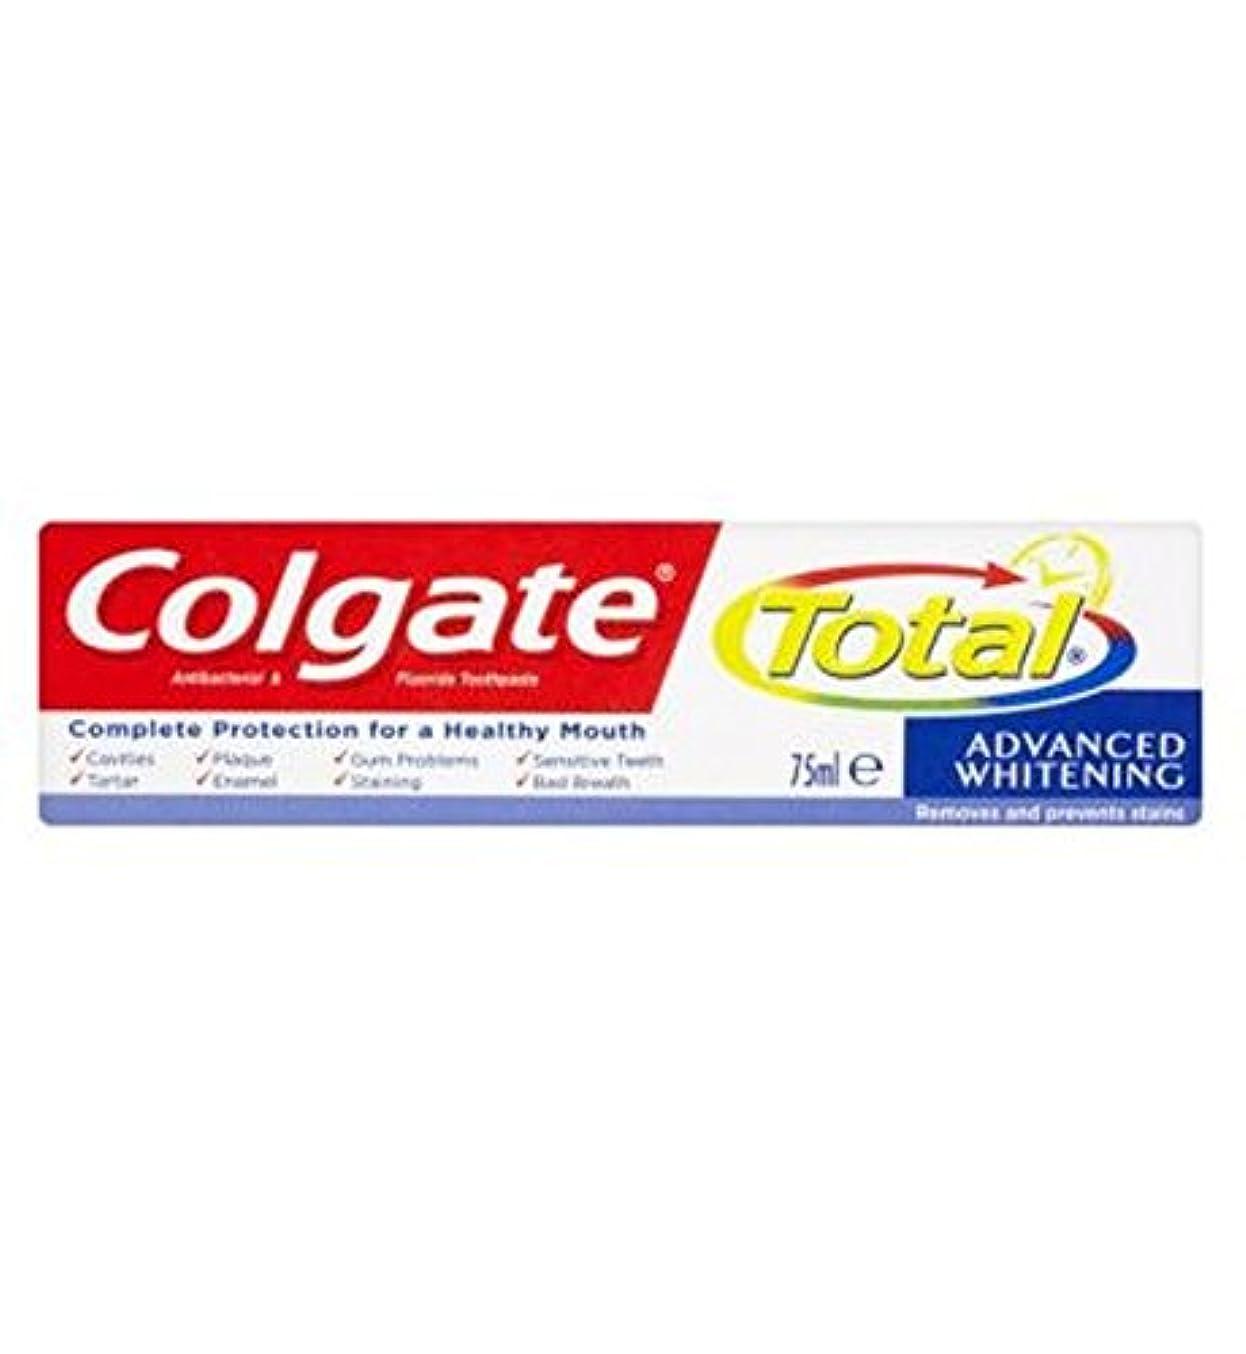 仕事に行く元気な聖書コルゲートトータル高度なホワイトニング歯磨き粉75ミリリットル (Colgate) (x2) - Colgate Total Advanced Whitening toothpaste 75ml (Pack of 2)...